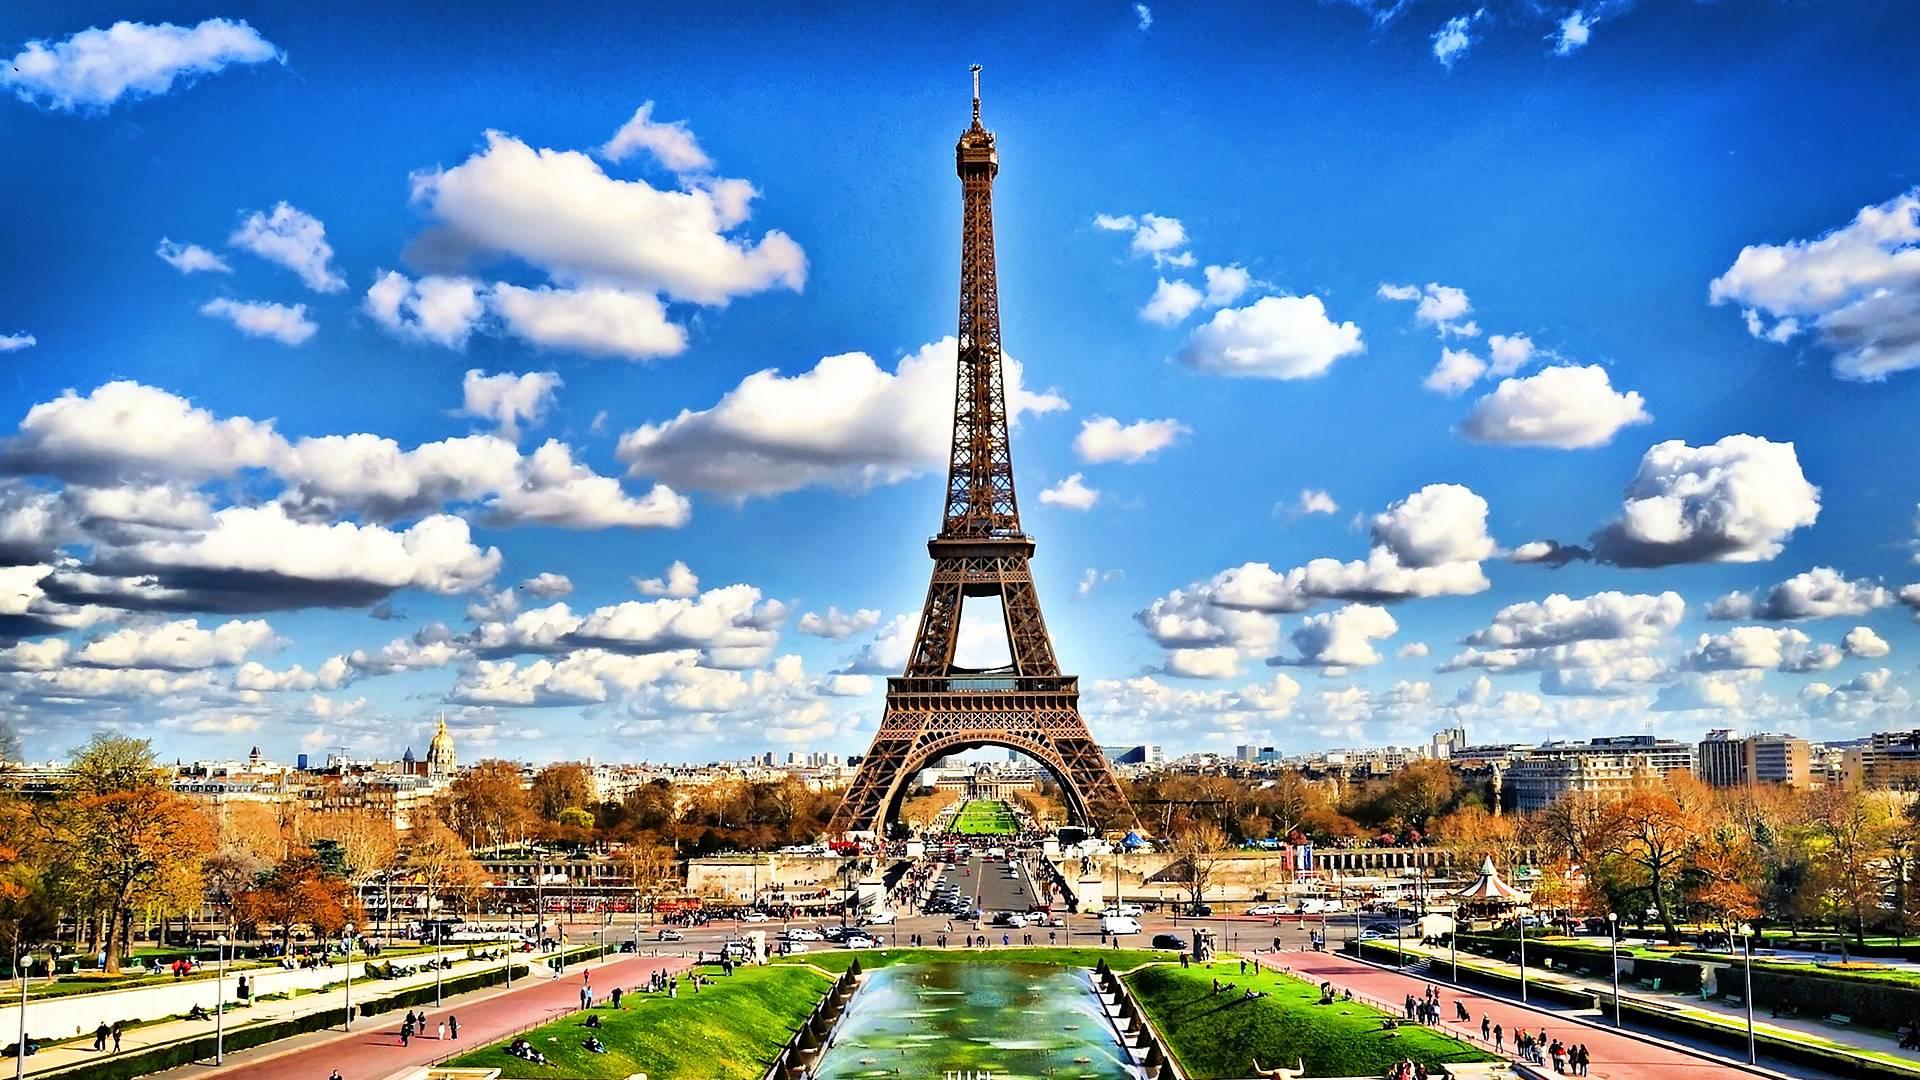 Eiffel Tower Backgrounds Wallpaper